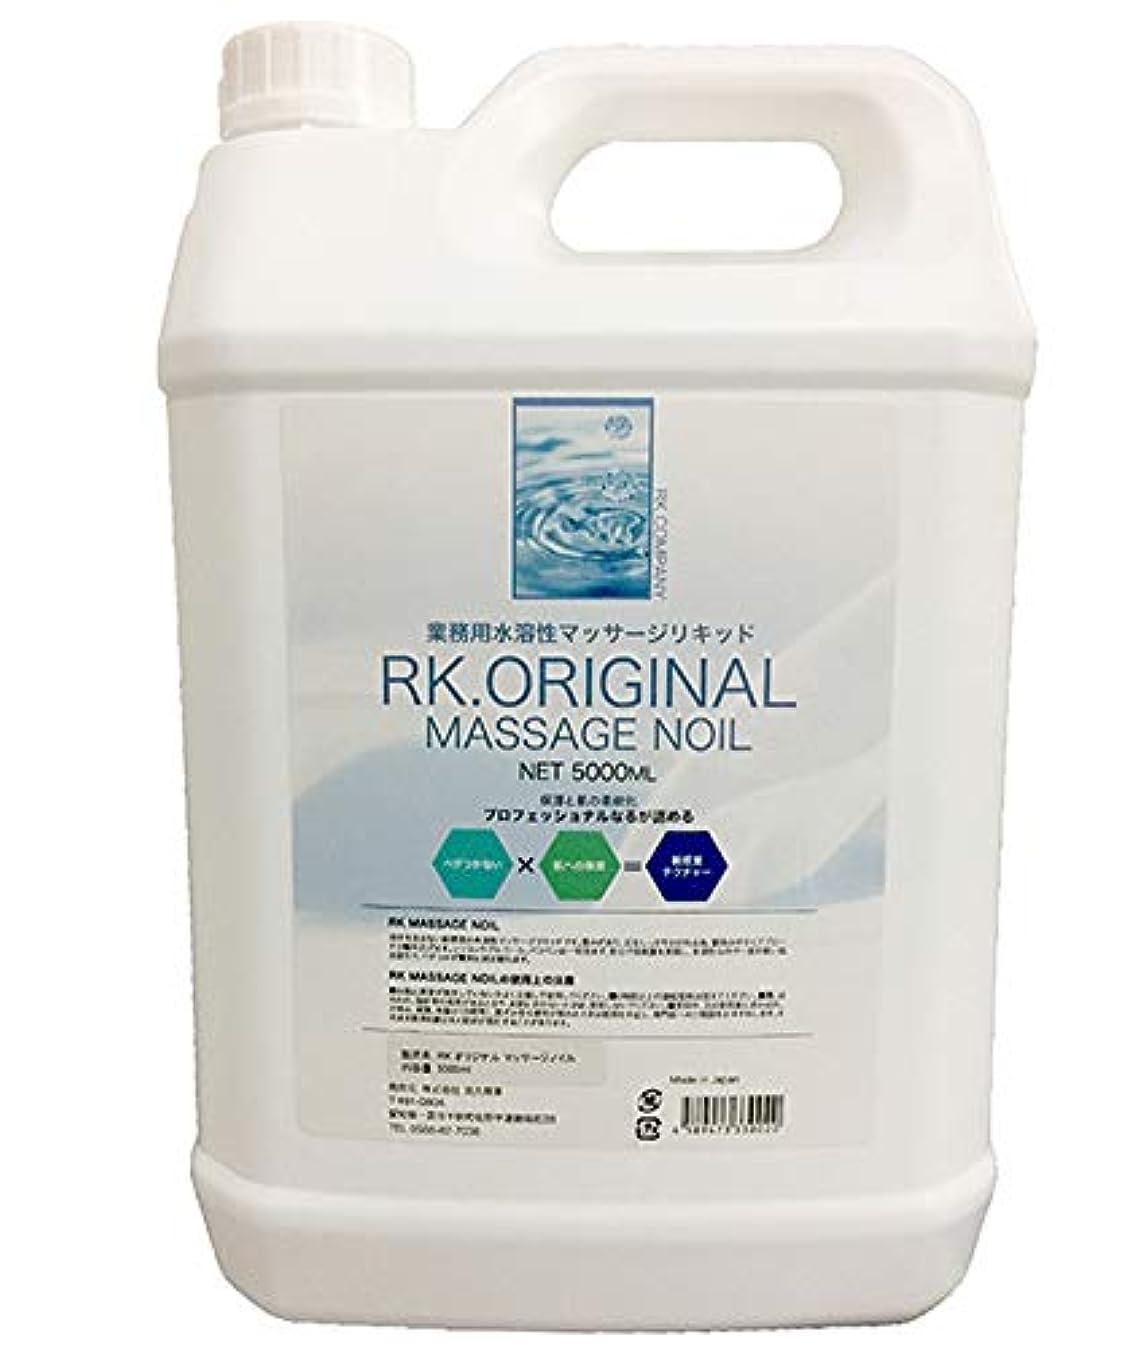 フレアグレー野心RK.ORIGINAL マッサージノイル 業務用 国産 水溶性 マッサージリキッド 5000ml エステ店御用達